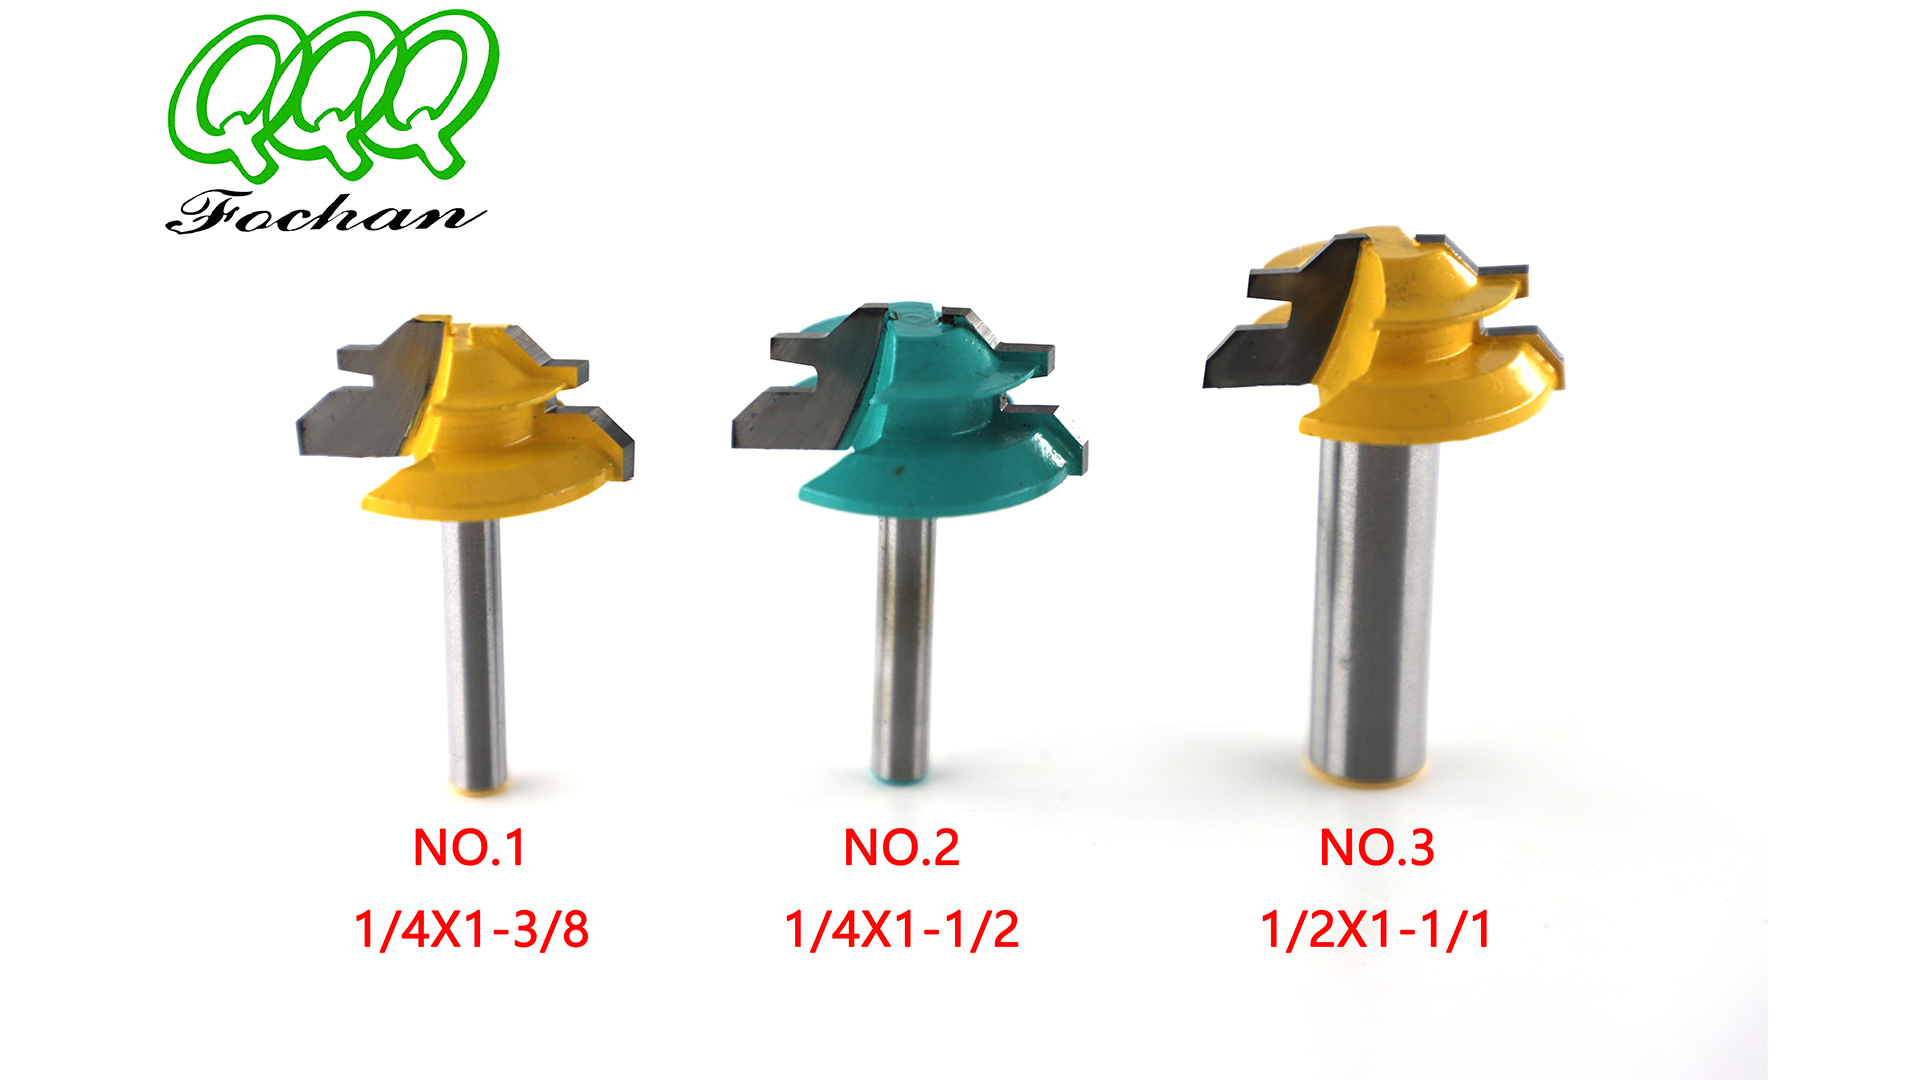 1 шт 45 градусов Концевая фреза для создания соединений в Ус с Bit1/4 дюйма, хвостовая фреза по дереву для соединения шип-паз инструмент фреза бу...